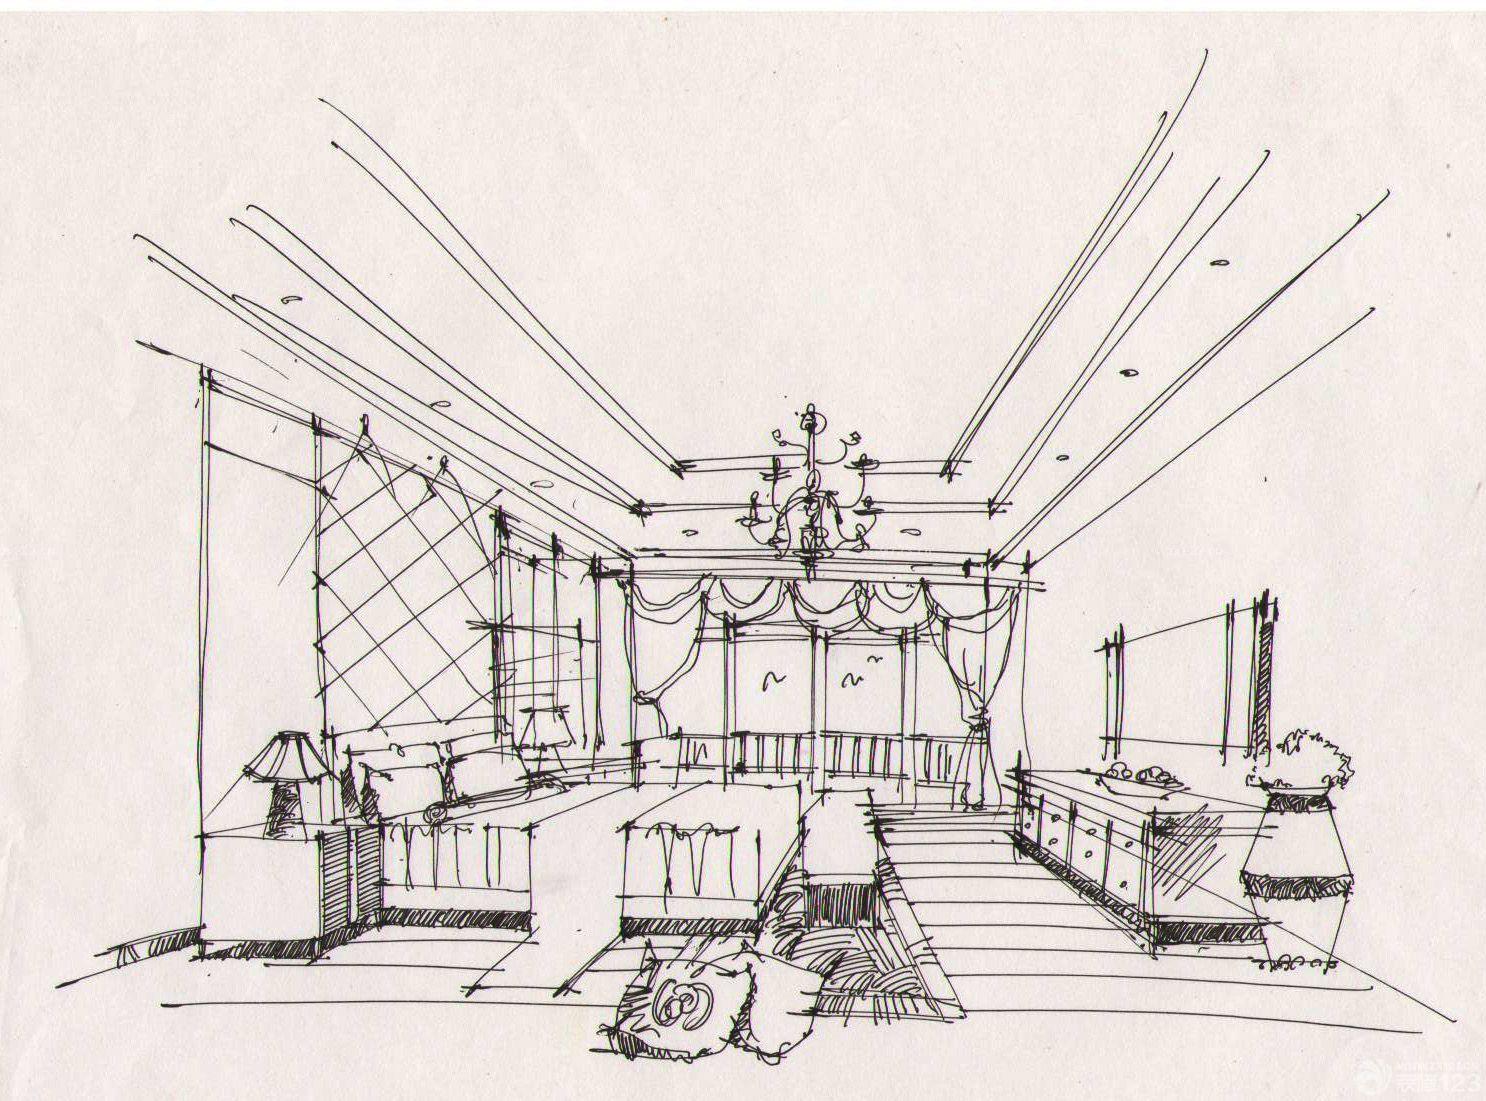 美式室内设计手绘效果图欣赏_设计456装修效果图